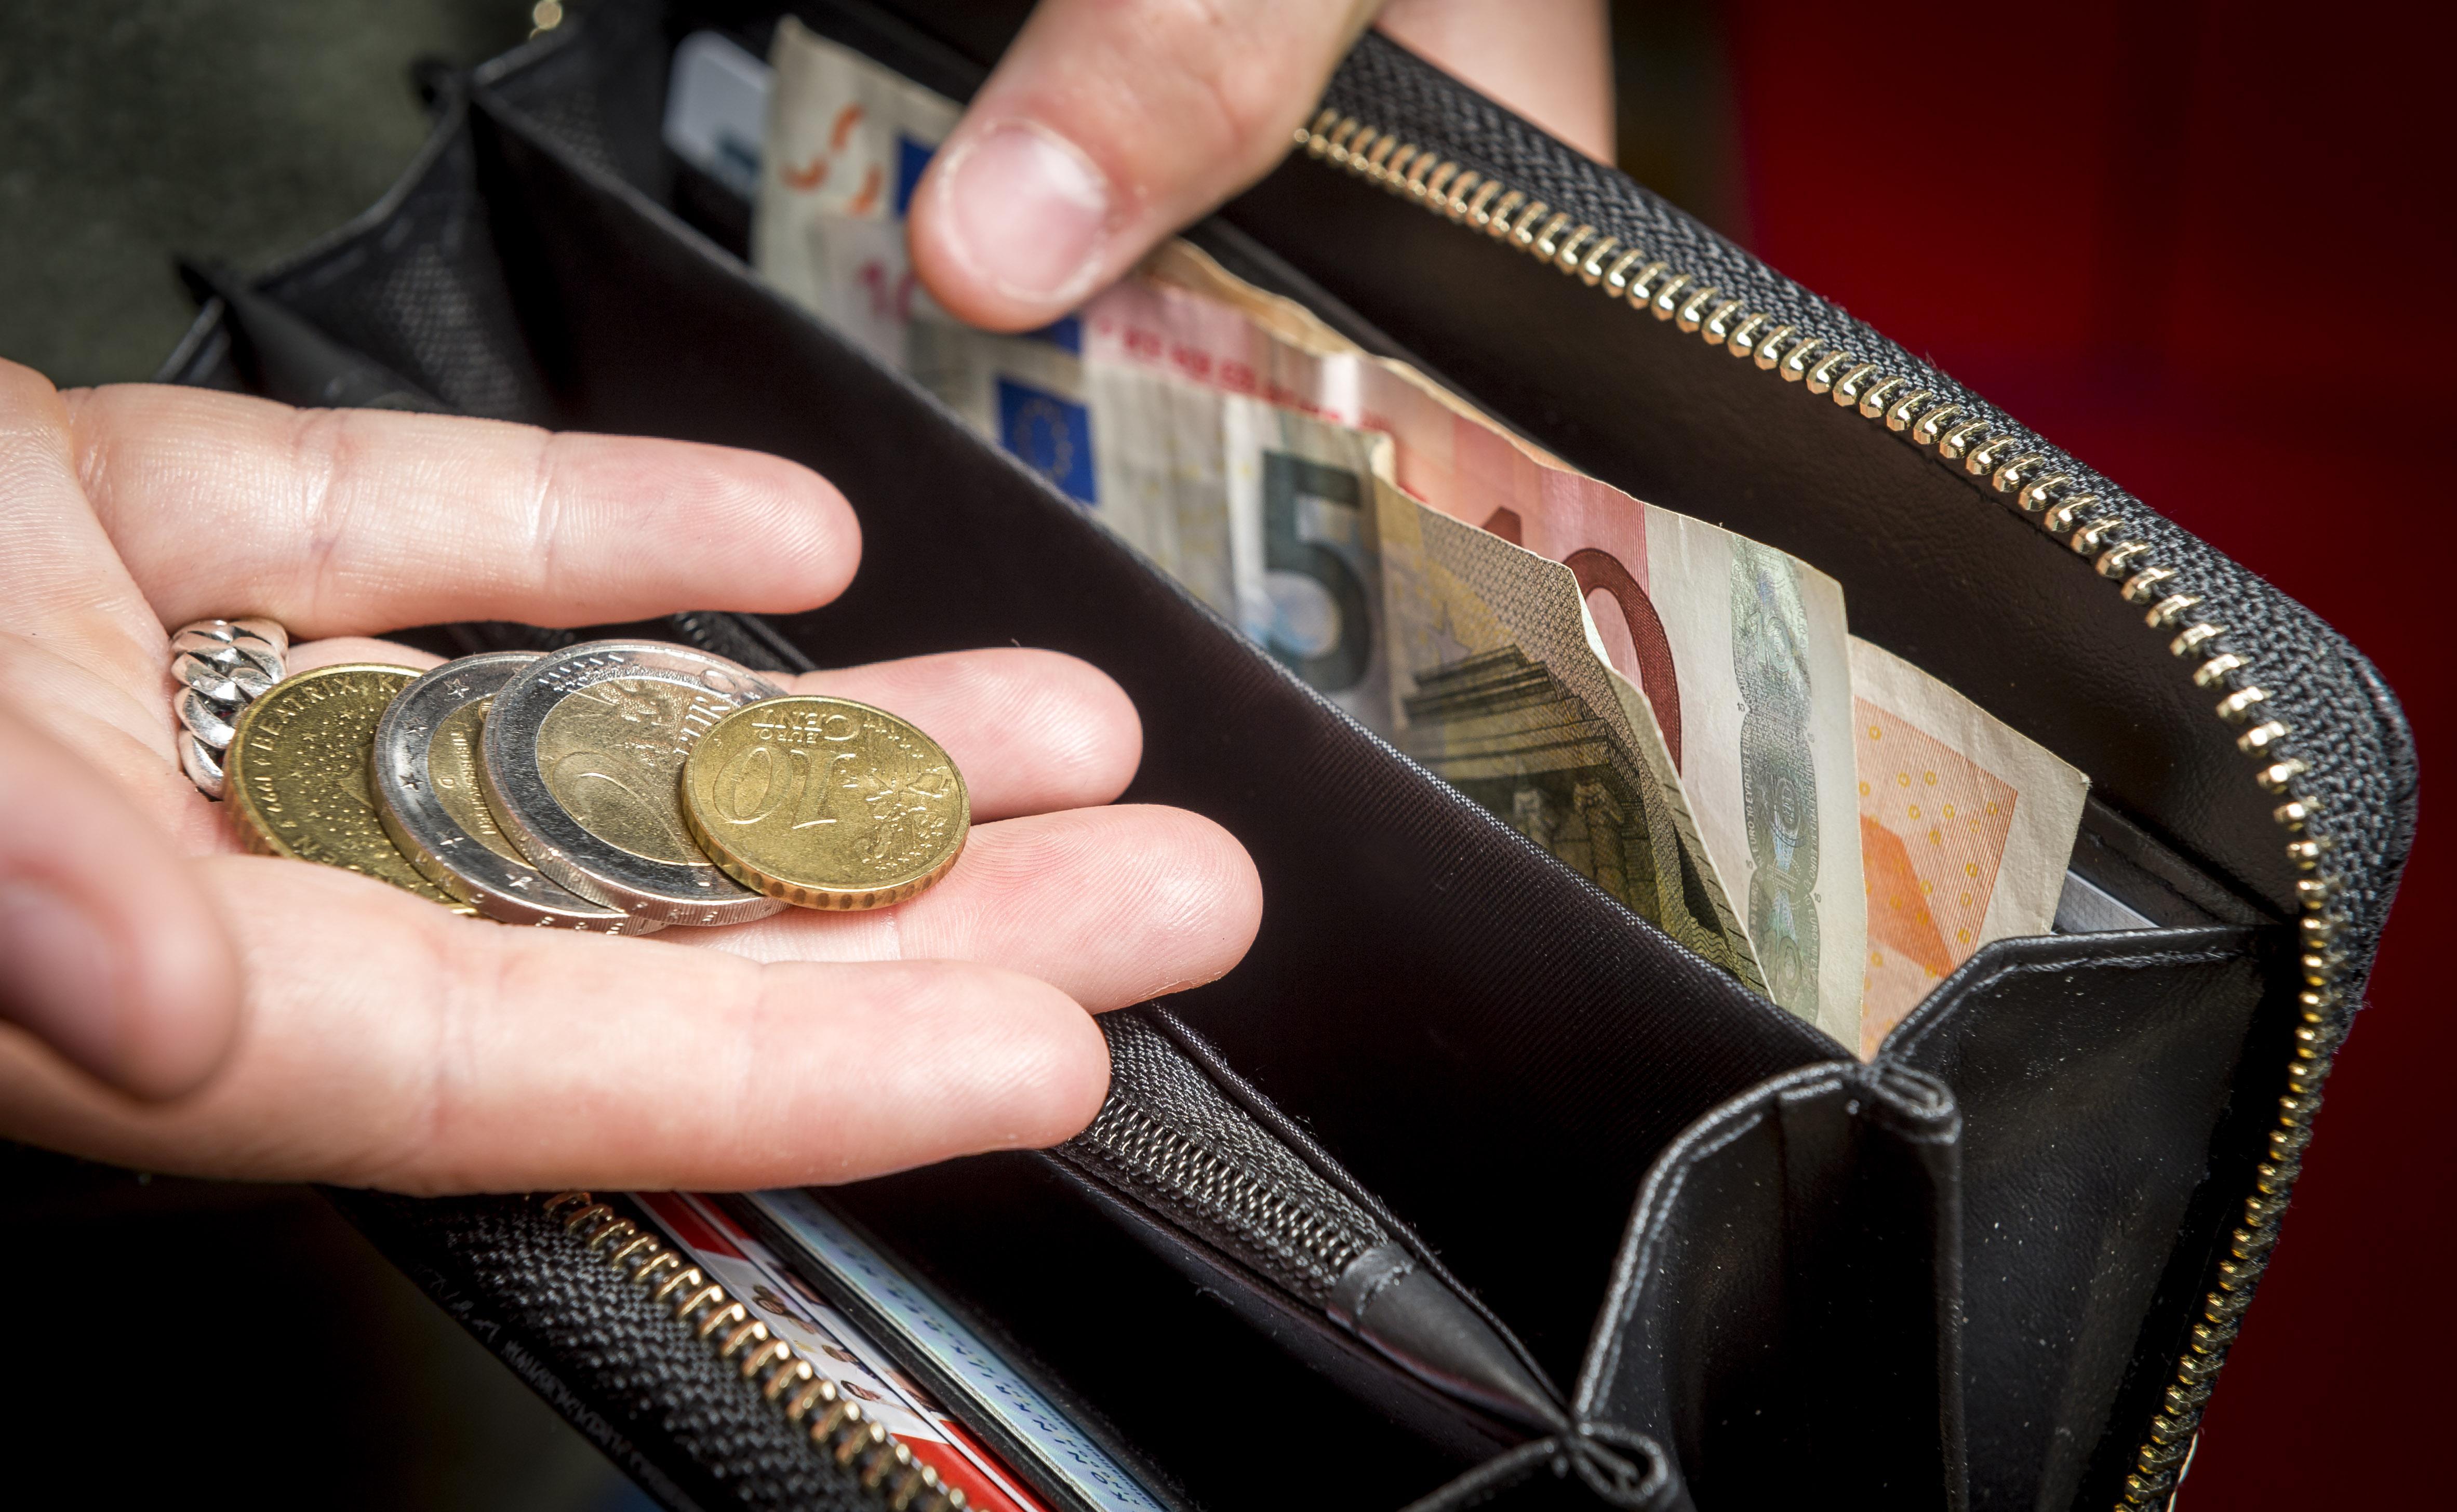 Een vloedgolf van mensen met geldproblemen komt op Den Helder af, waarschuwt het Nationaal Instituut voor Budgetvoorlichting